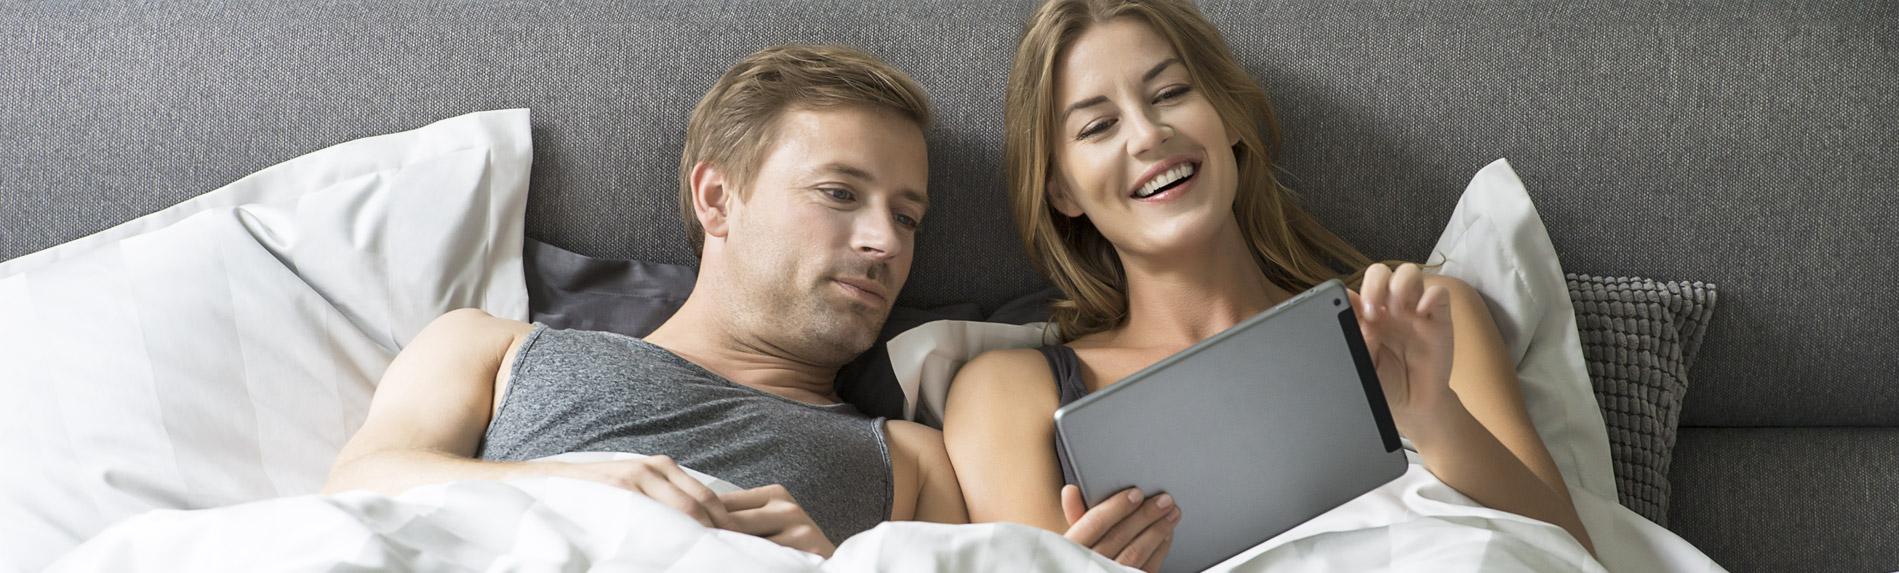 ベッドで微笑む男女の写真